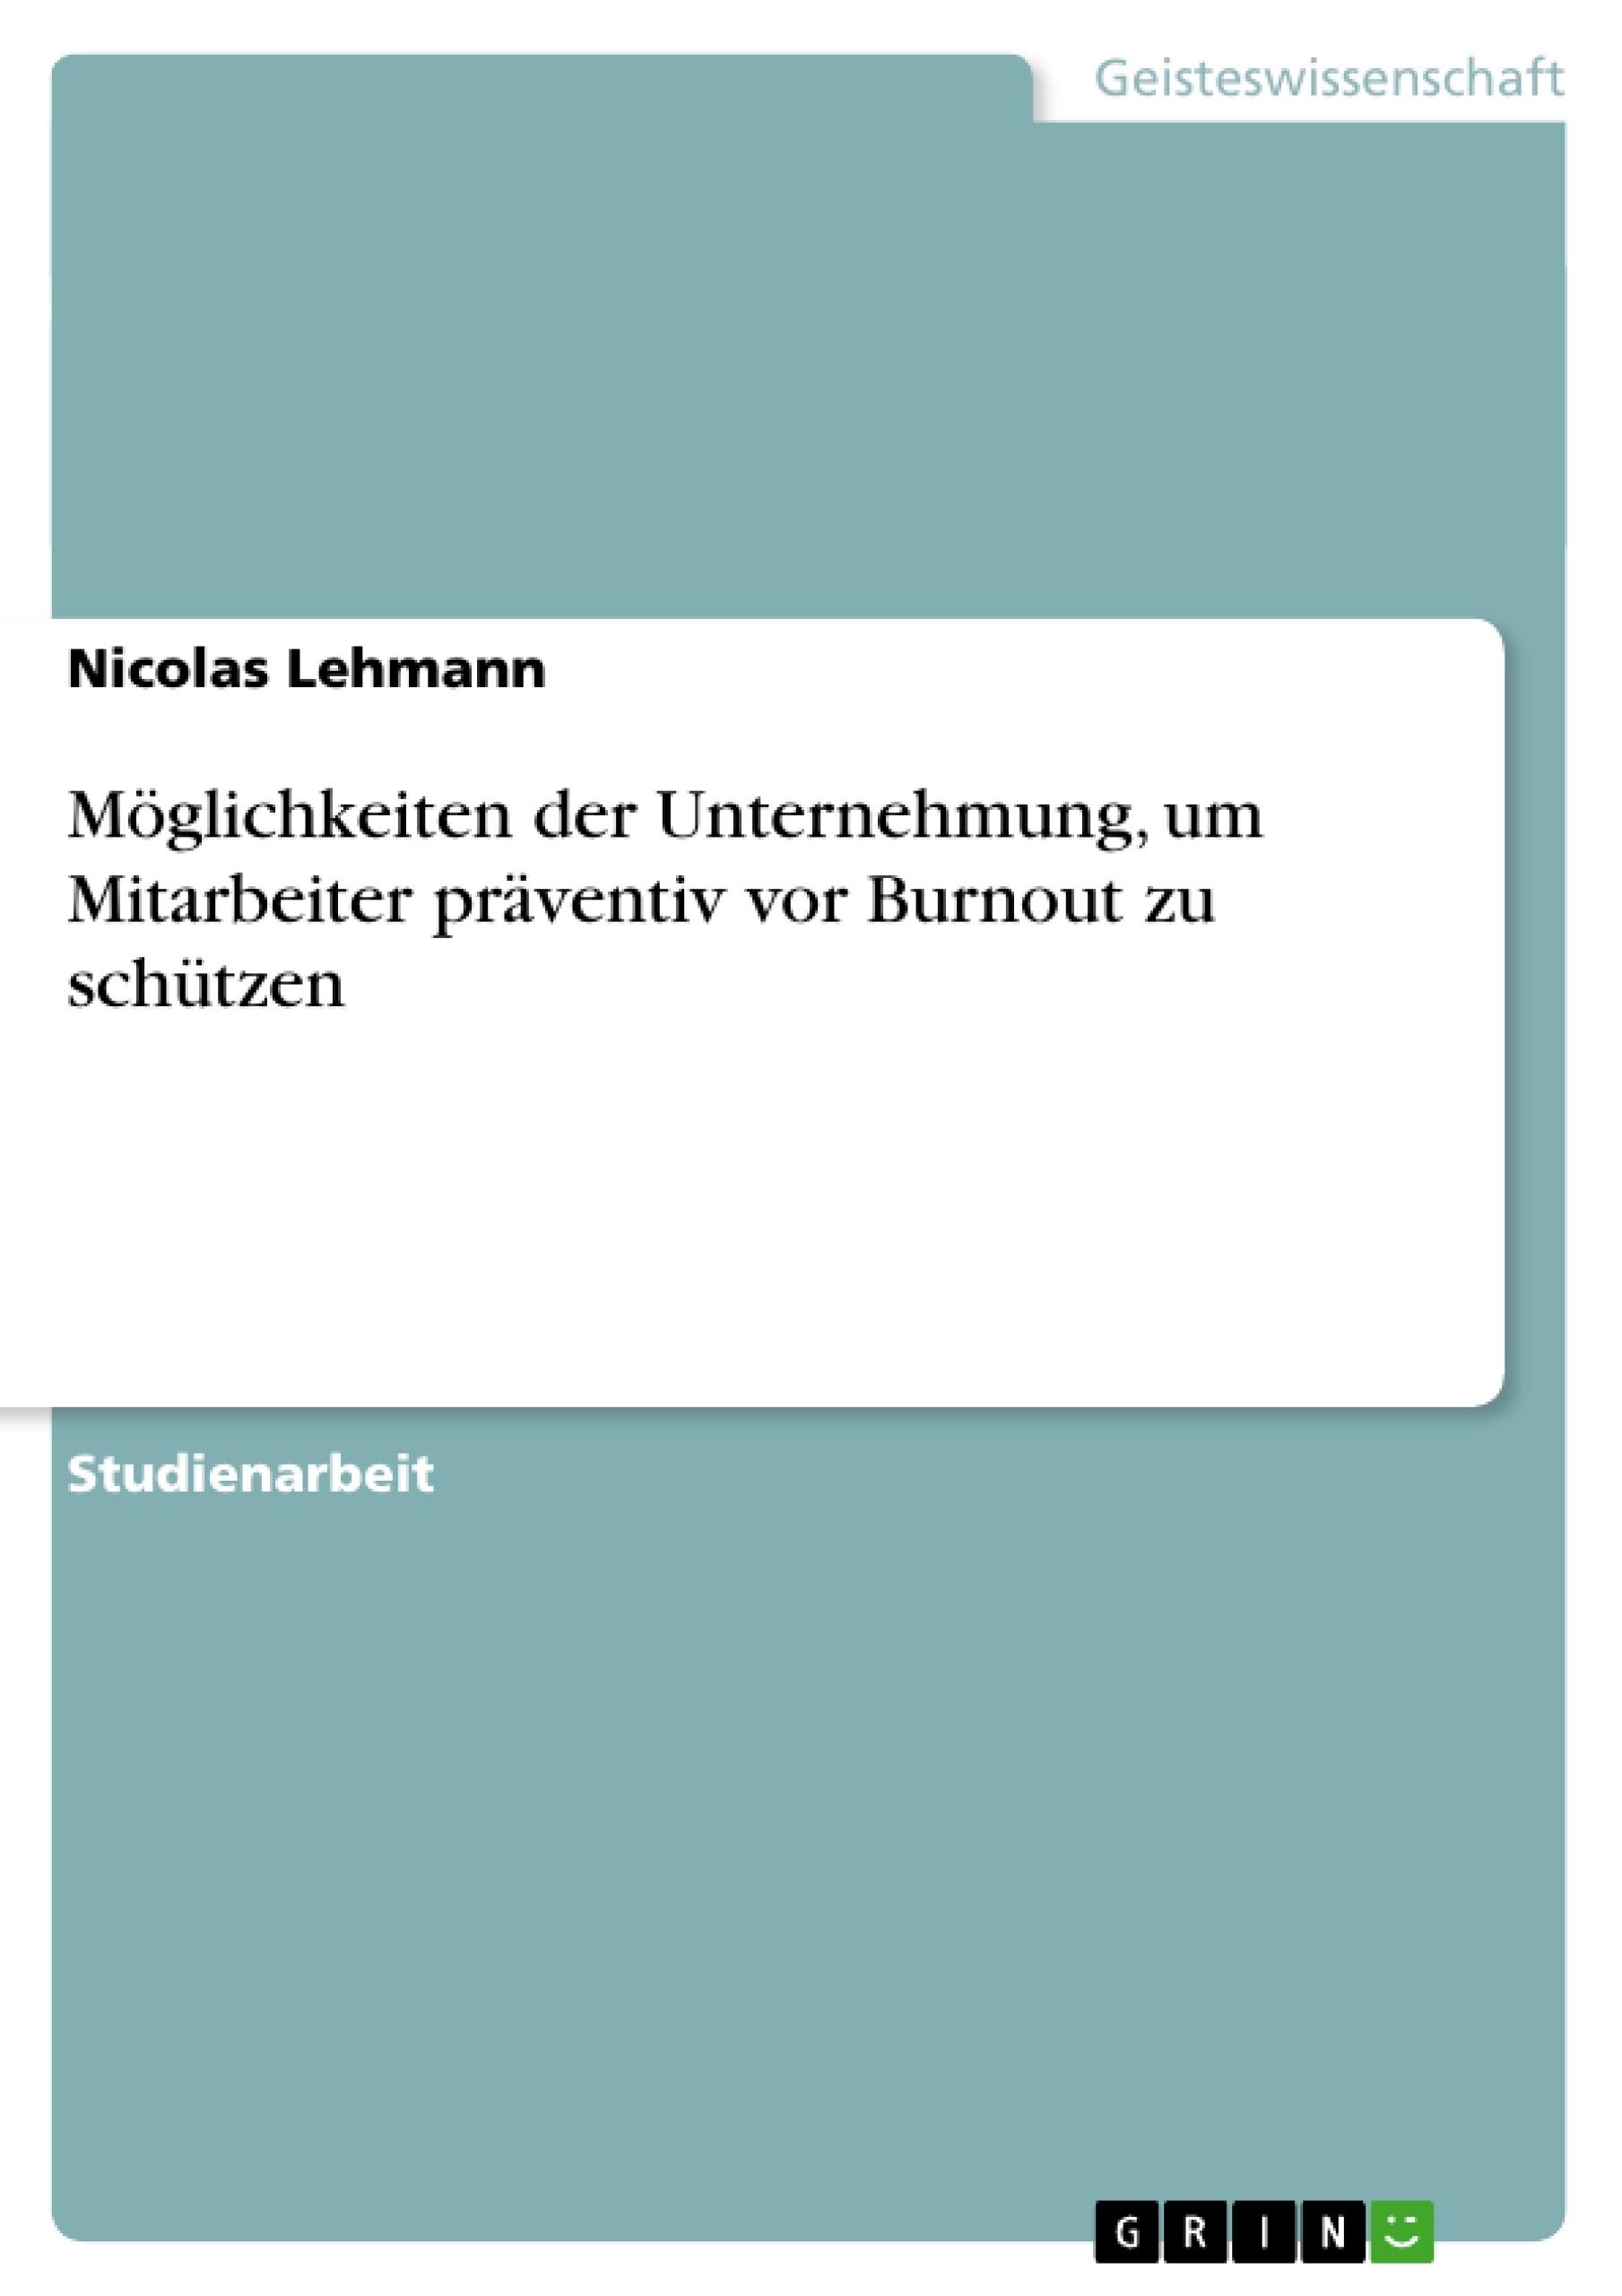 Titel: Möglichkeiten der Unternehmung, um Mitarbeiter präventiv vor Burnout zu schützen